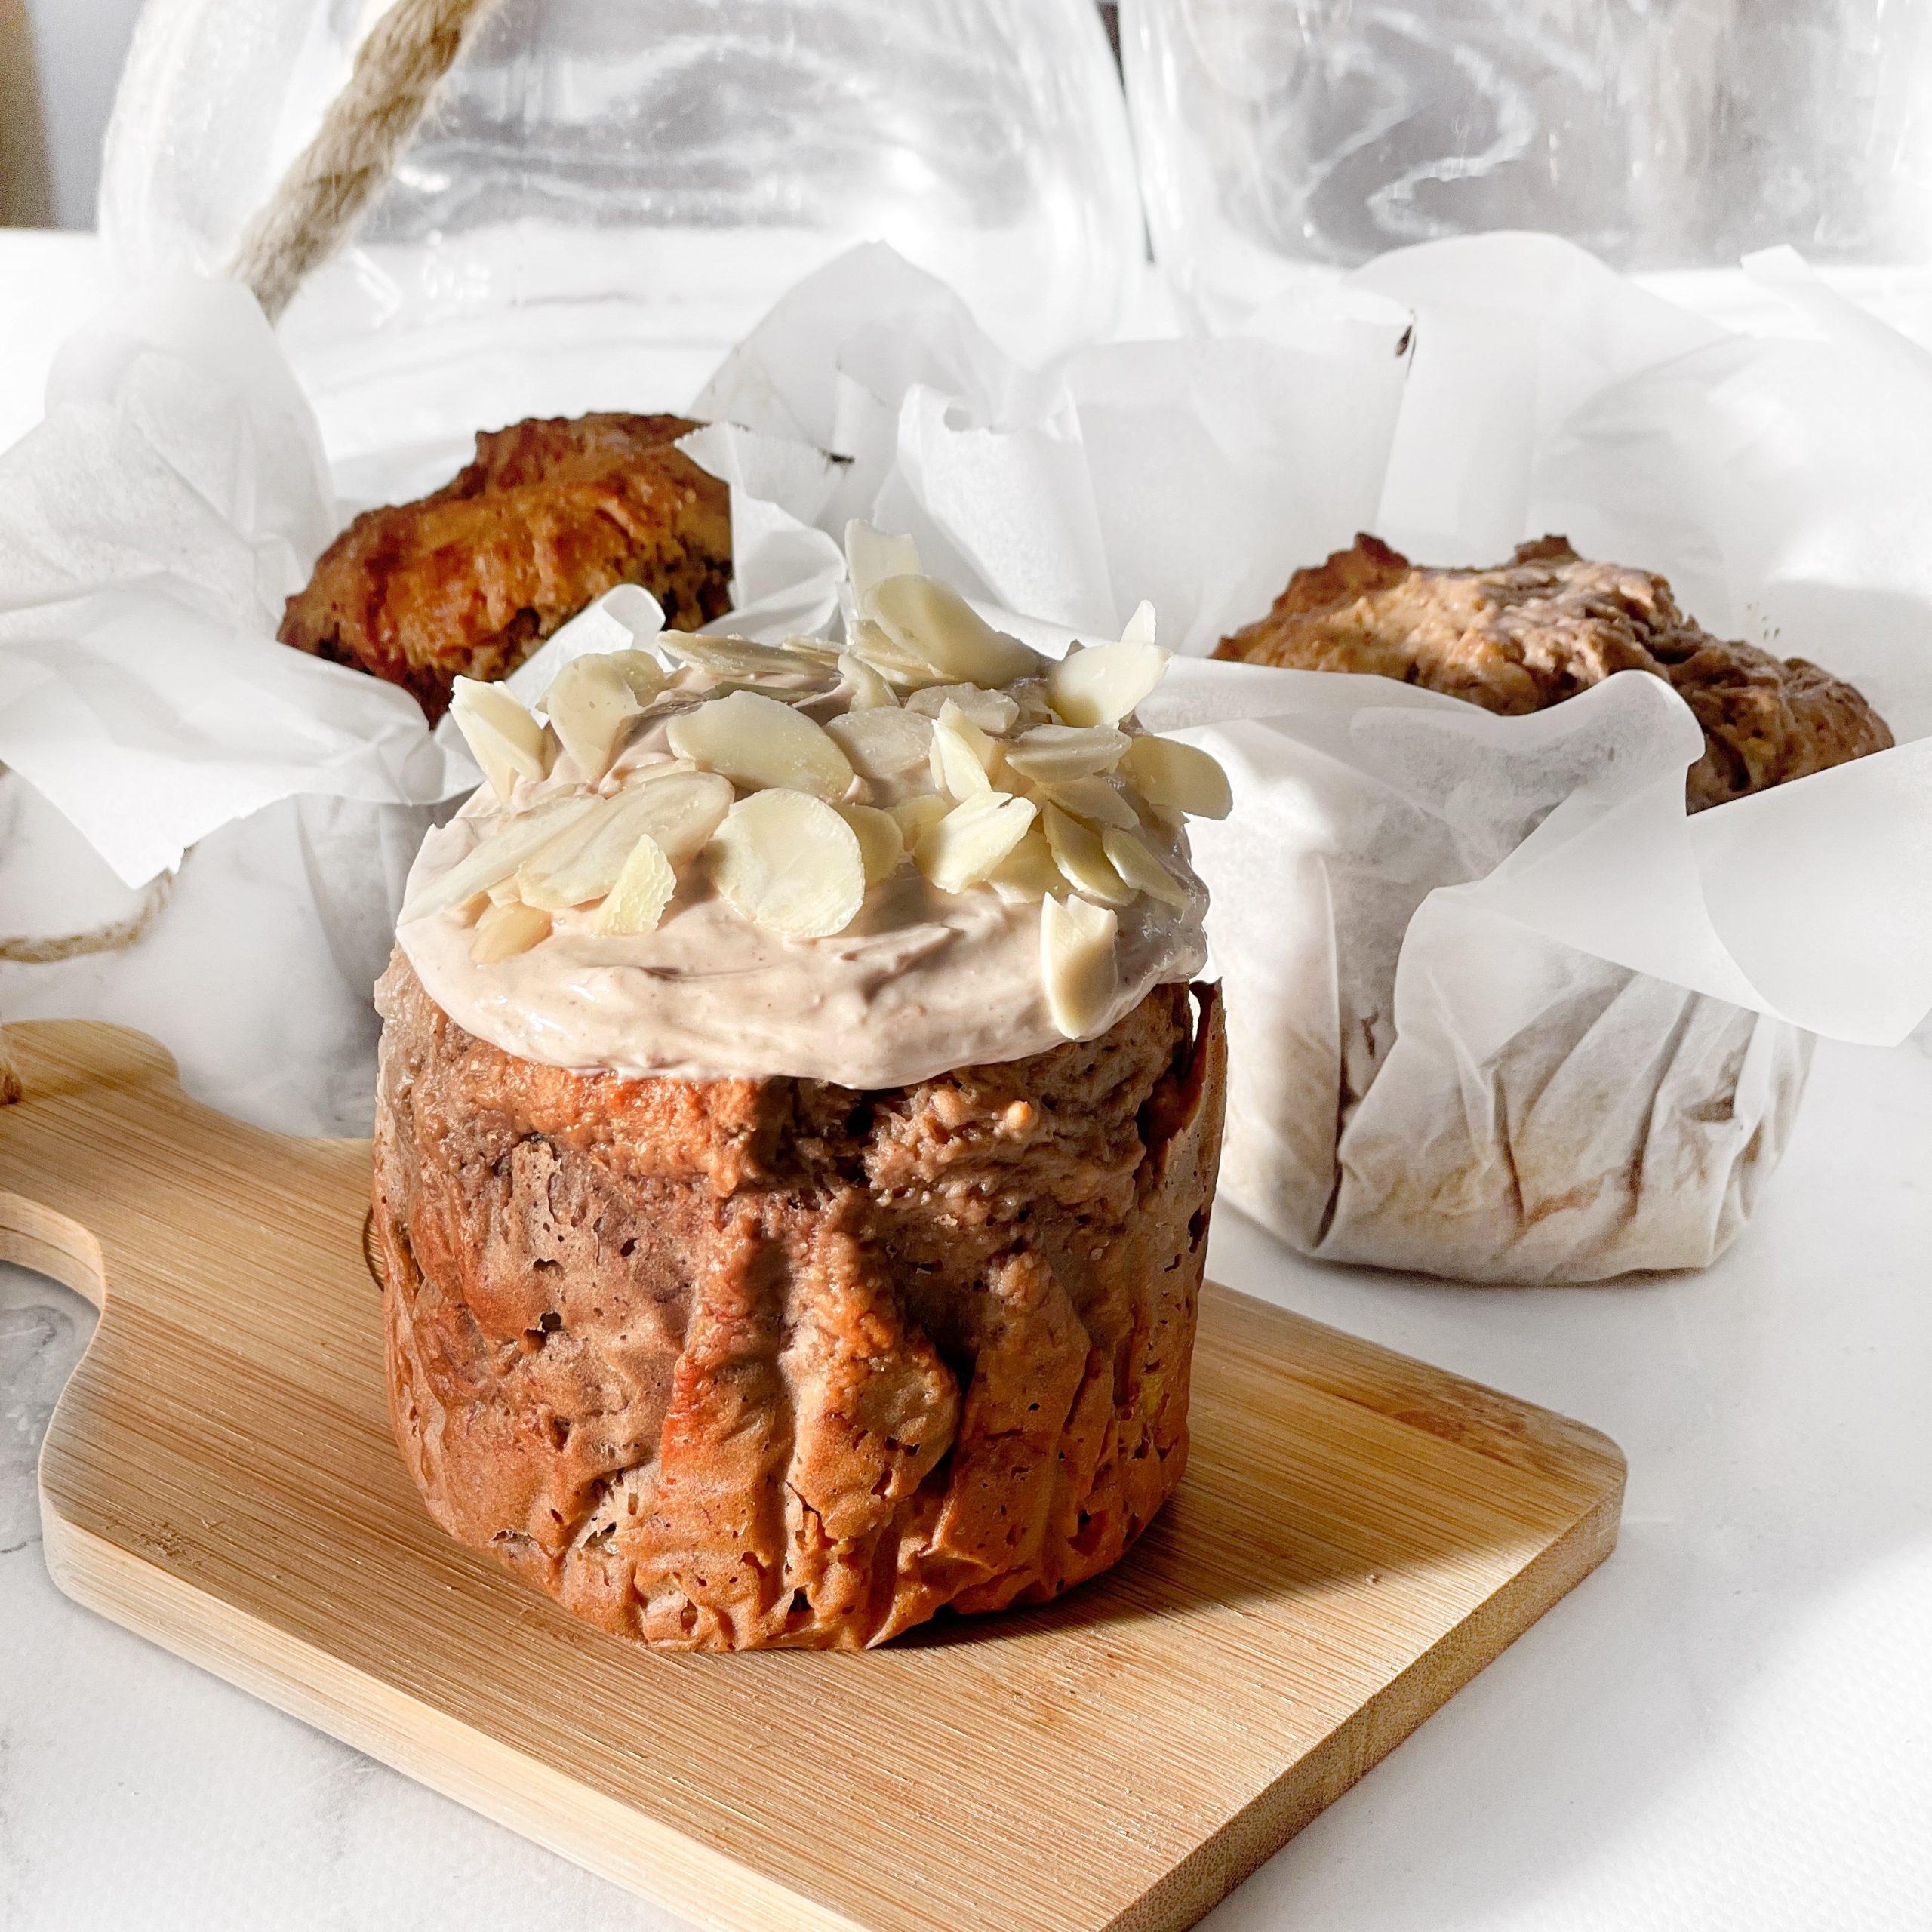 Jumbo Choc-Caramel Muffins